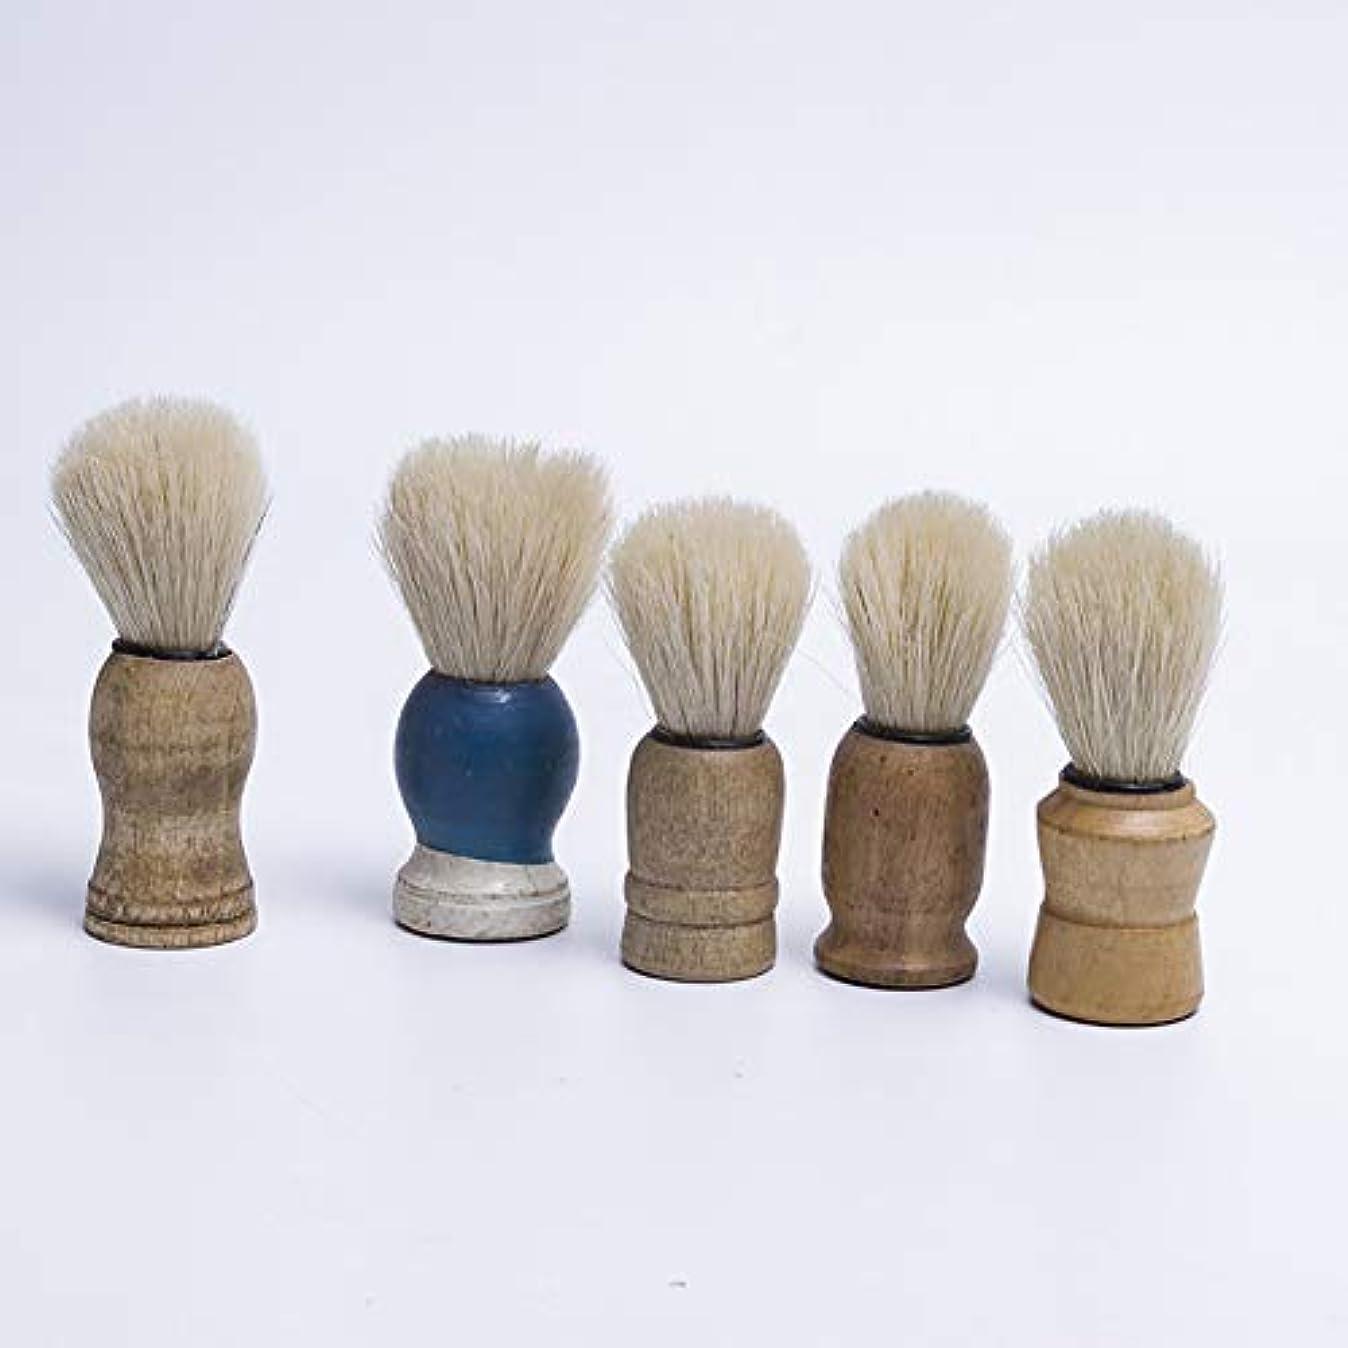 直感多分望まないACHICOO 木製 ハンドルが付いている人 髭そり ブラシ 大広間 クリーニング 電気器具 剃毛用具 ブラシを剃っている人